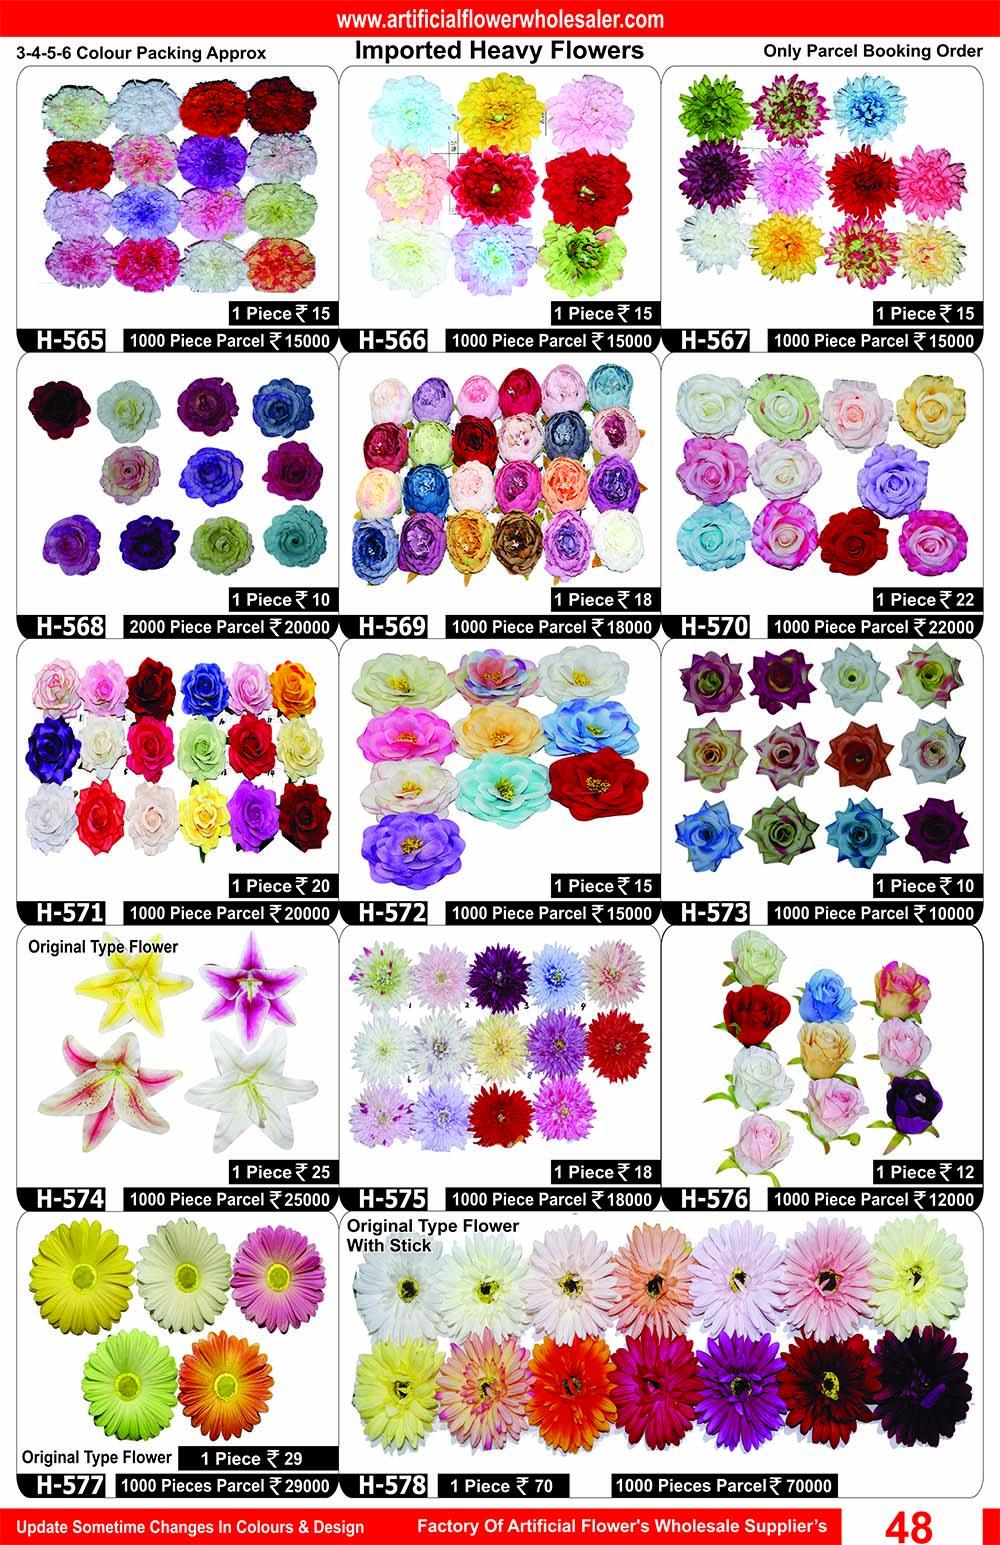 48-artificial-flower-wholesaler